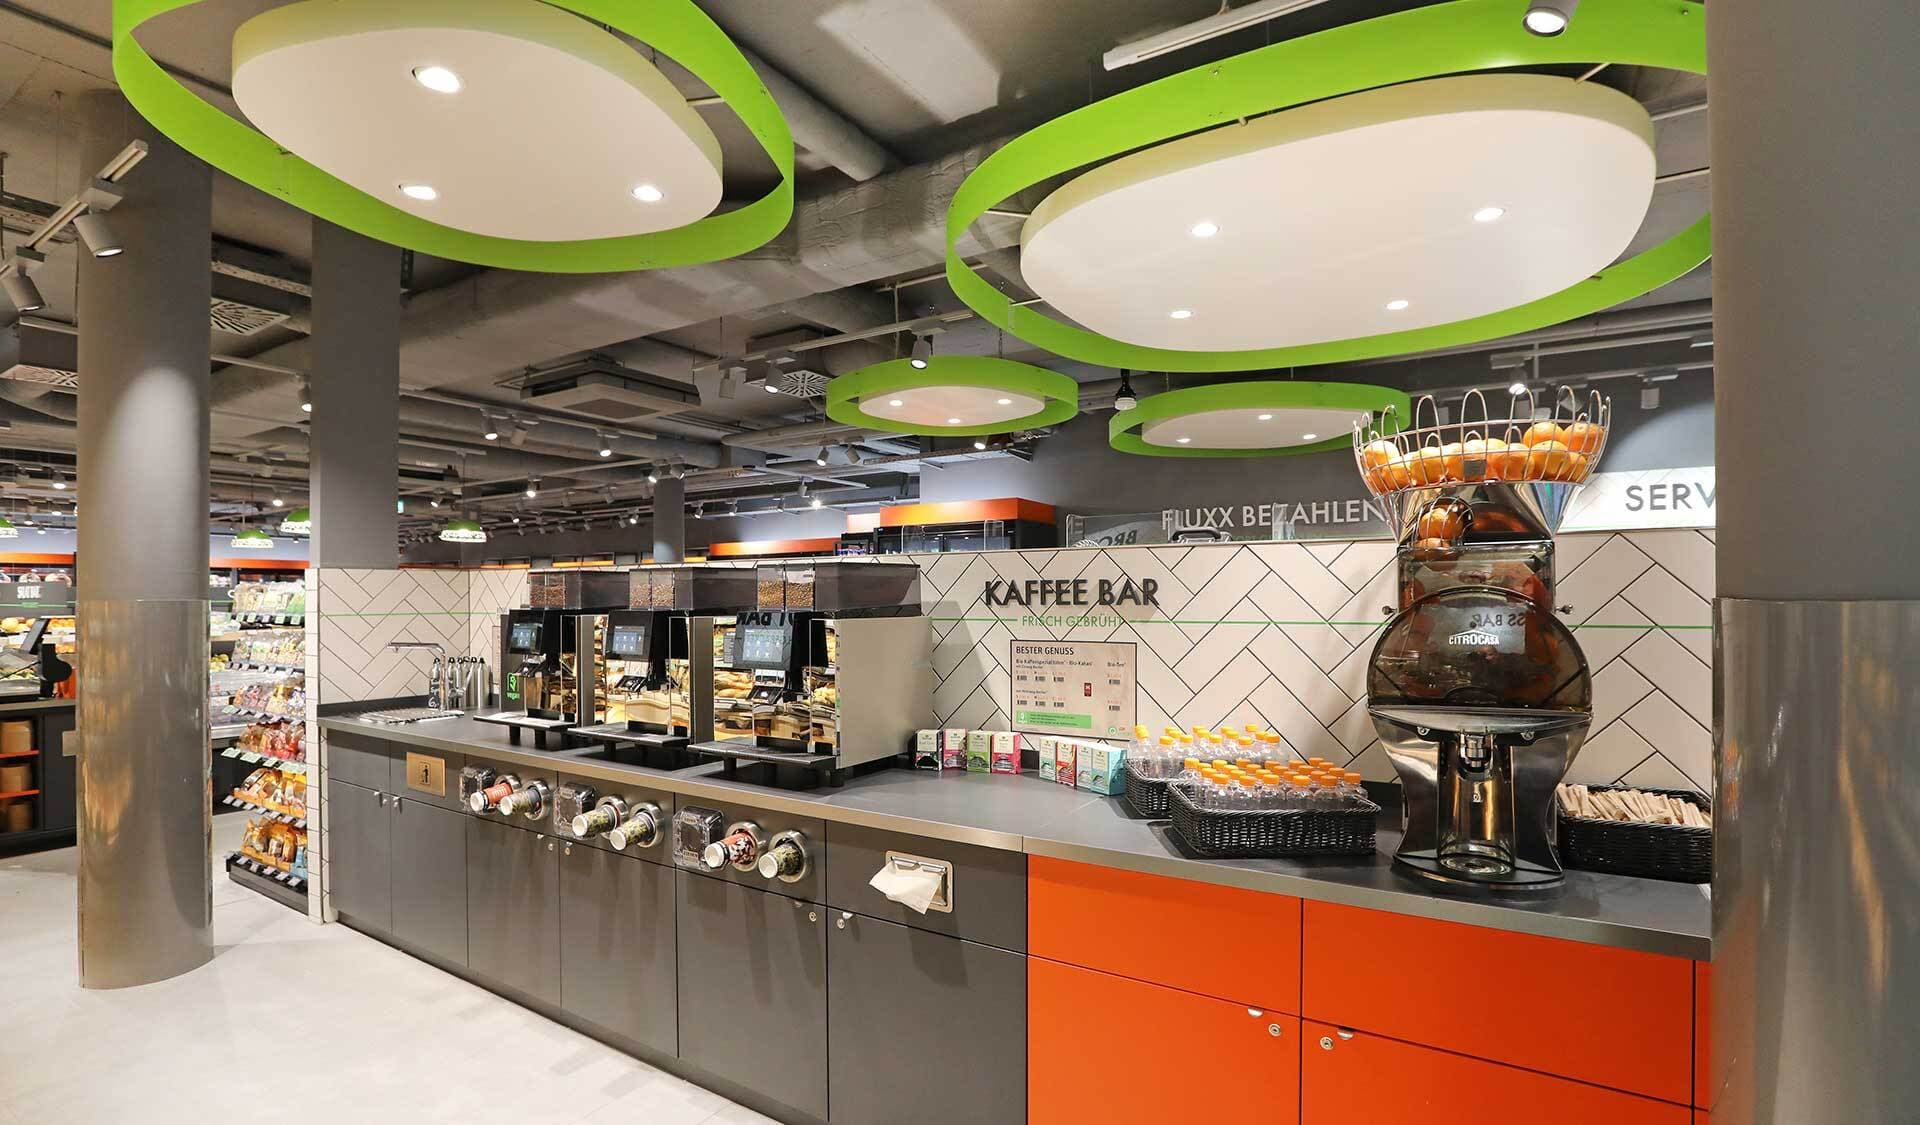 Tegut Quartier Kaffee Bar